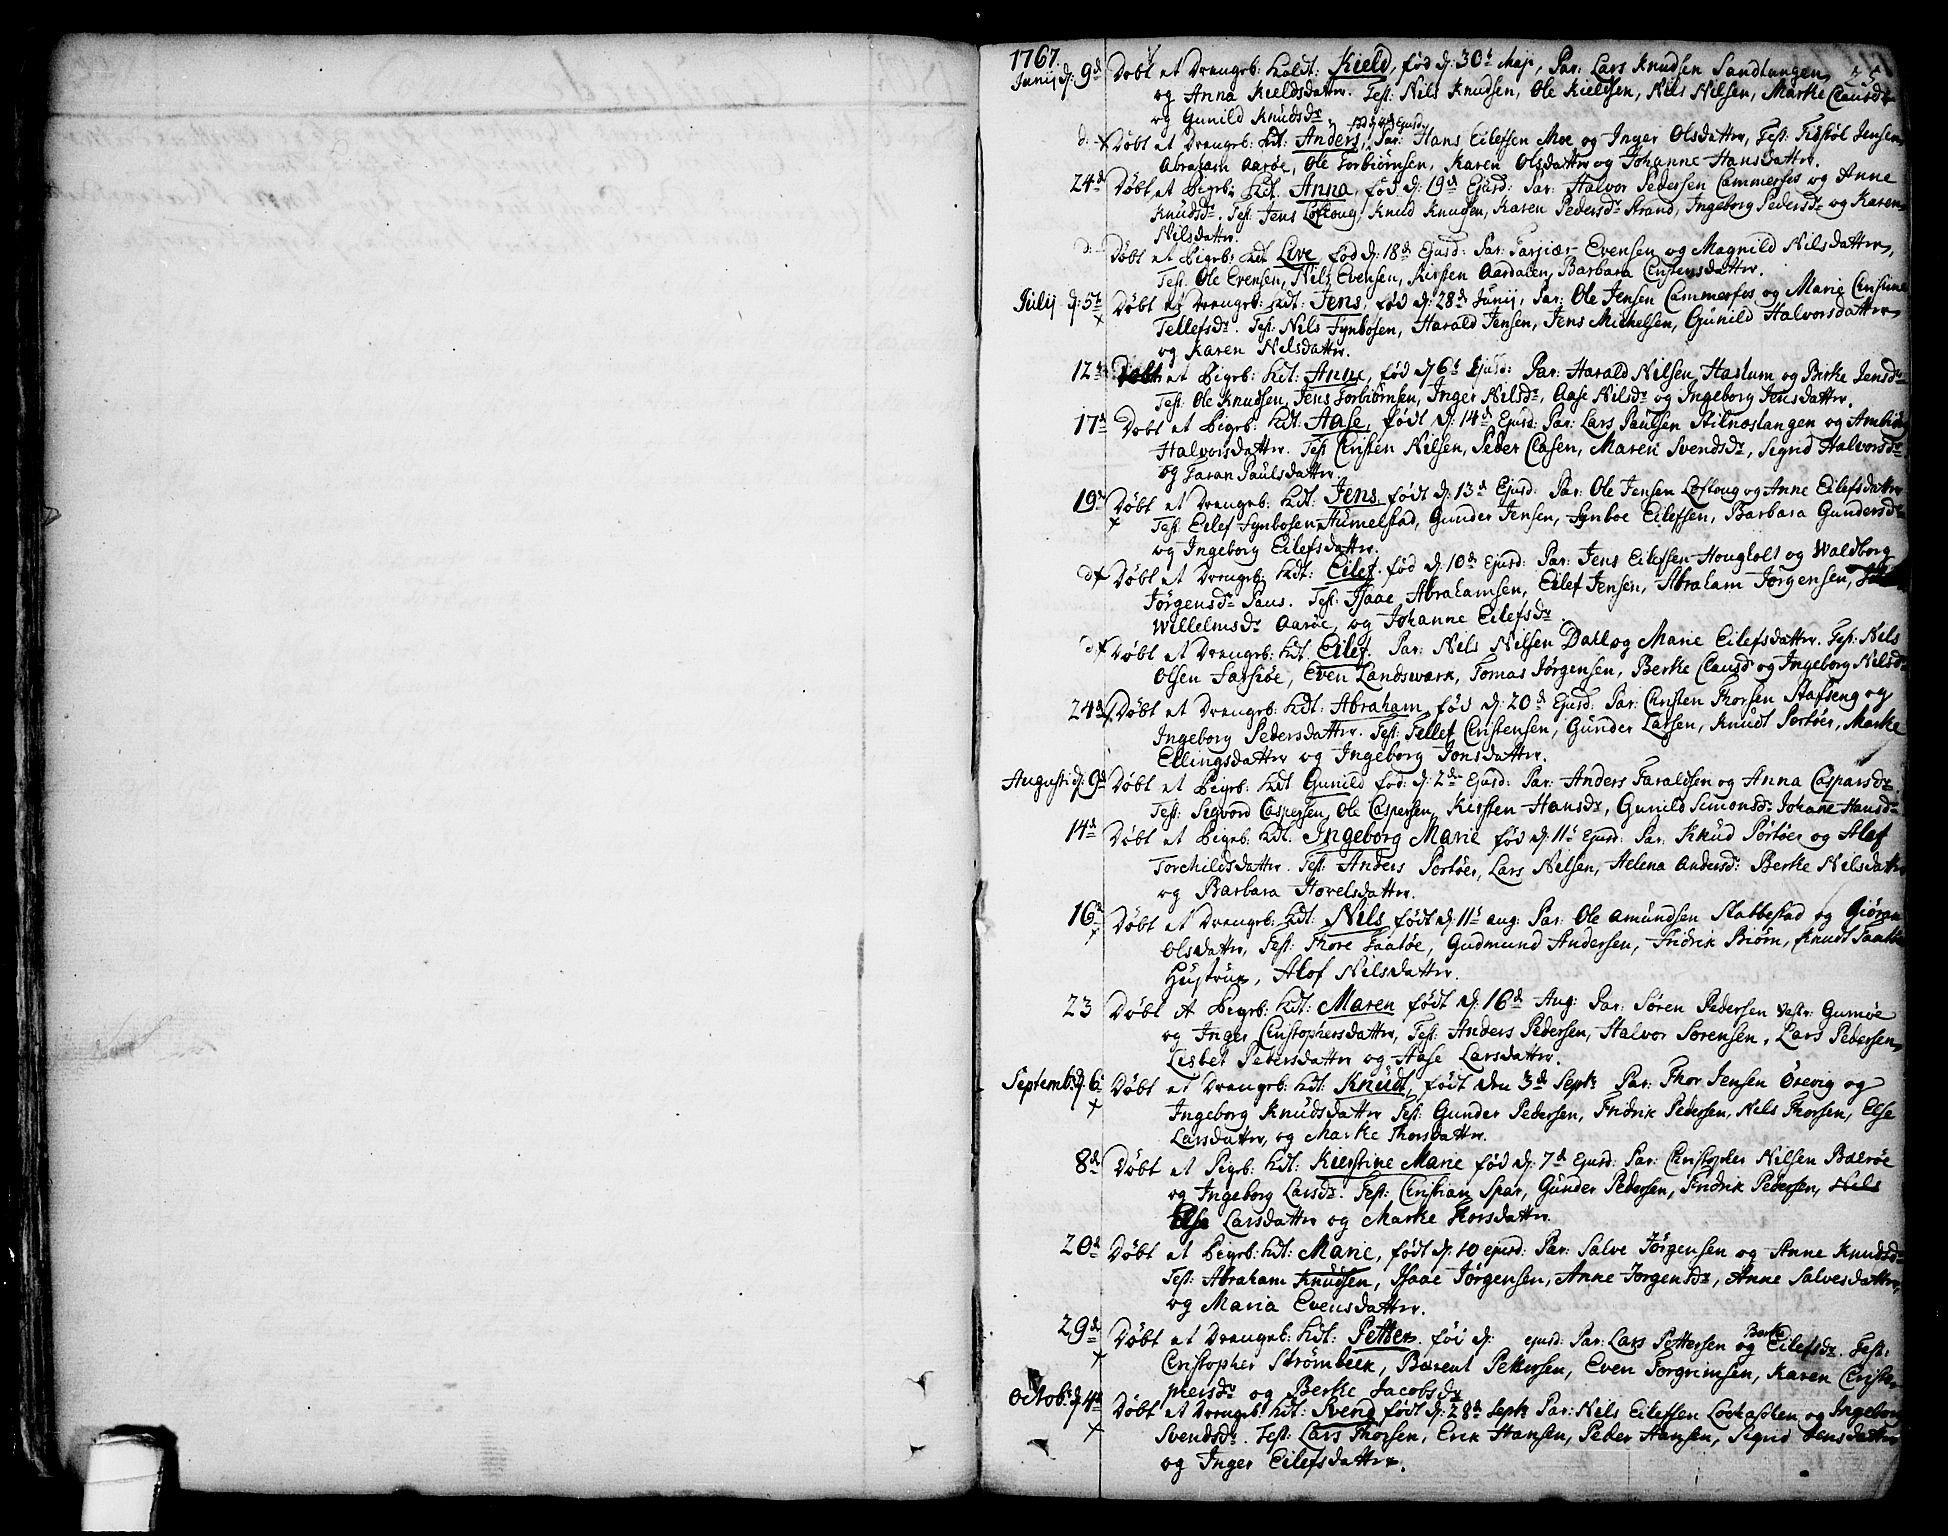 SAKO, Sannidal kirkebøker, F/Fa/L0002: Ministerialbok nr. 2, 1767-1802, s. 25